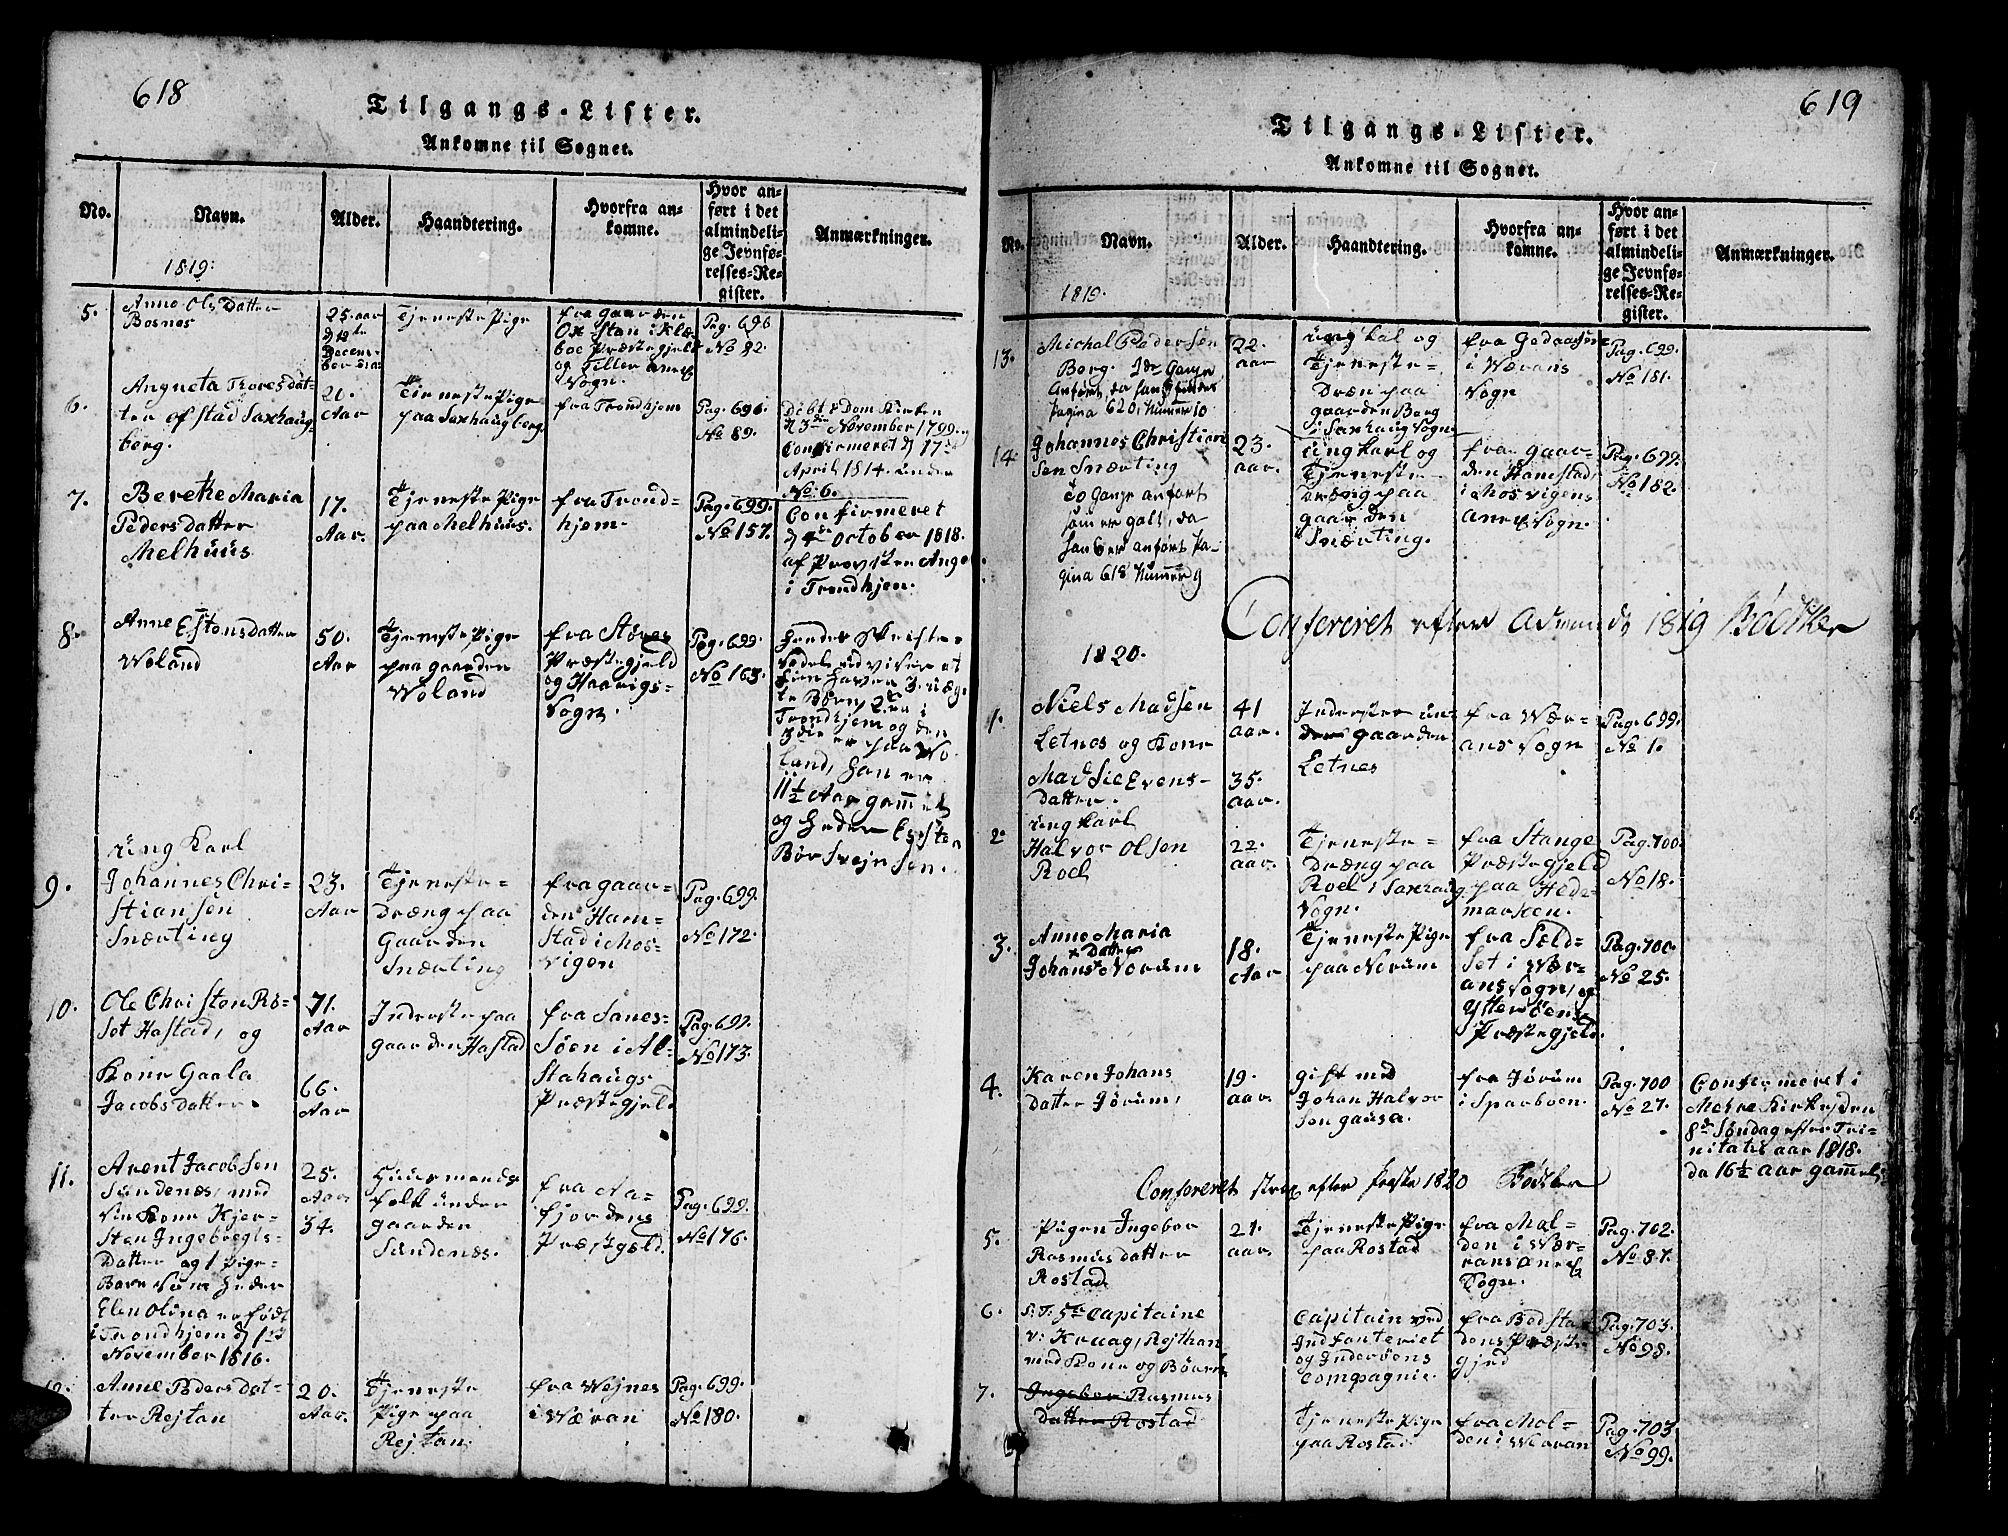 SAT, Ministerialprotokoller, klokkerbøker og fødselsregistre - Nord-Trøndelag, 730/L0298: Klokkerbok nr. 730C01, 1816-1849, s. 618-619